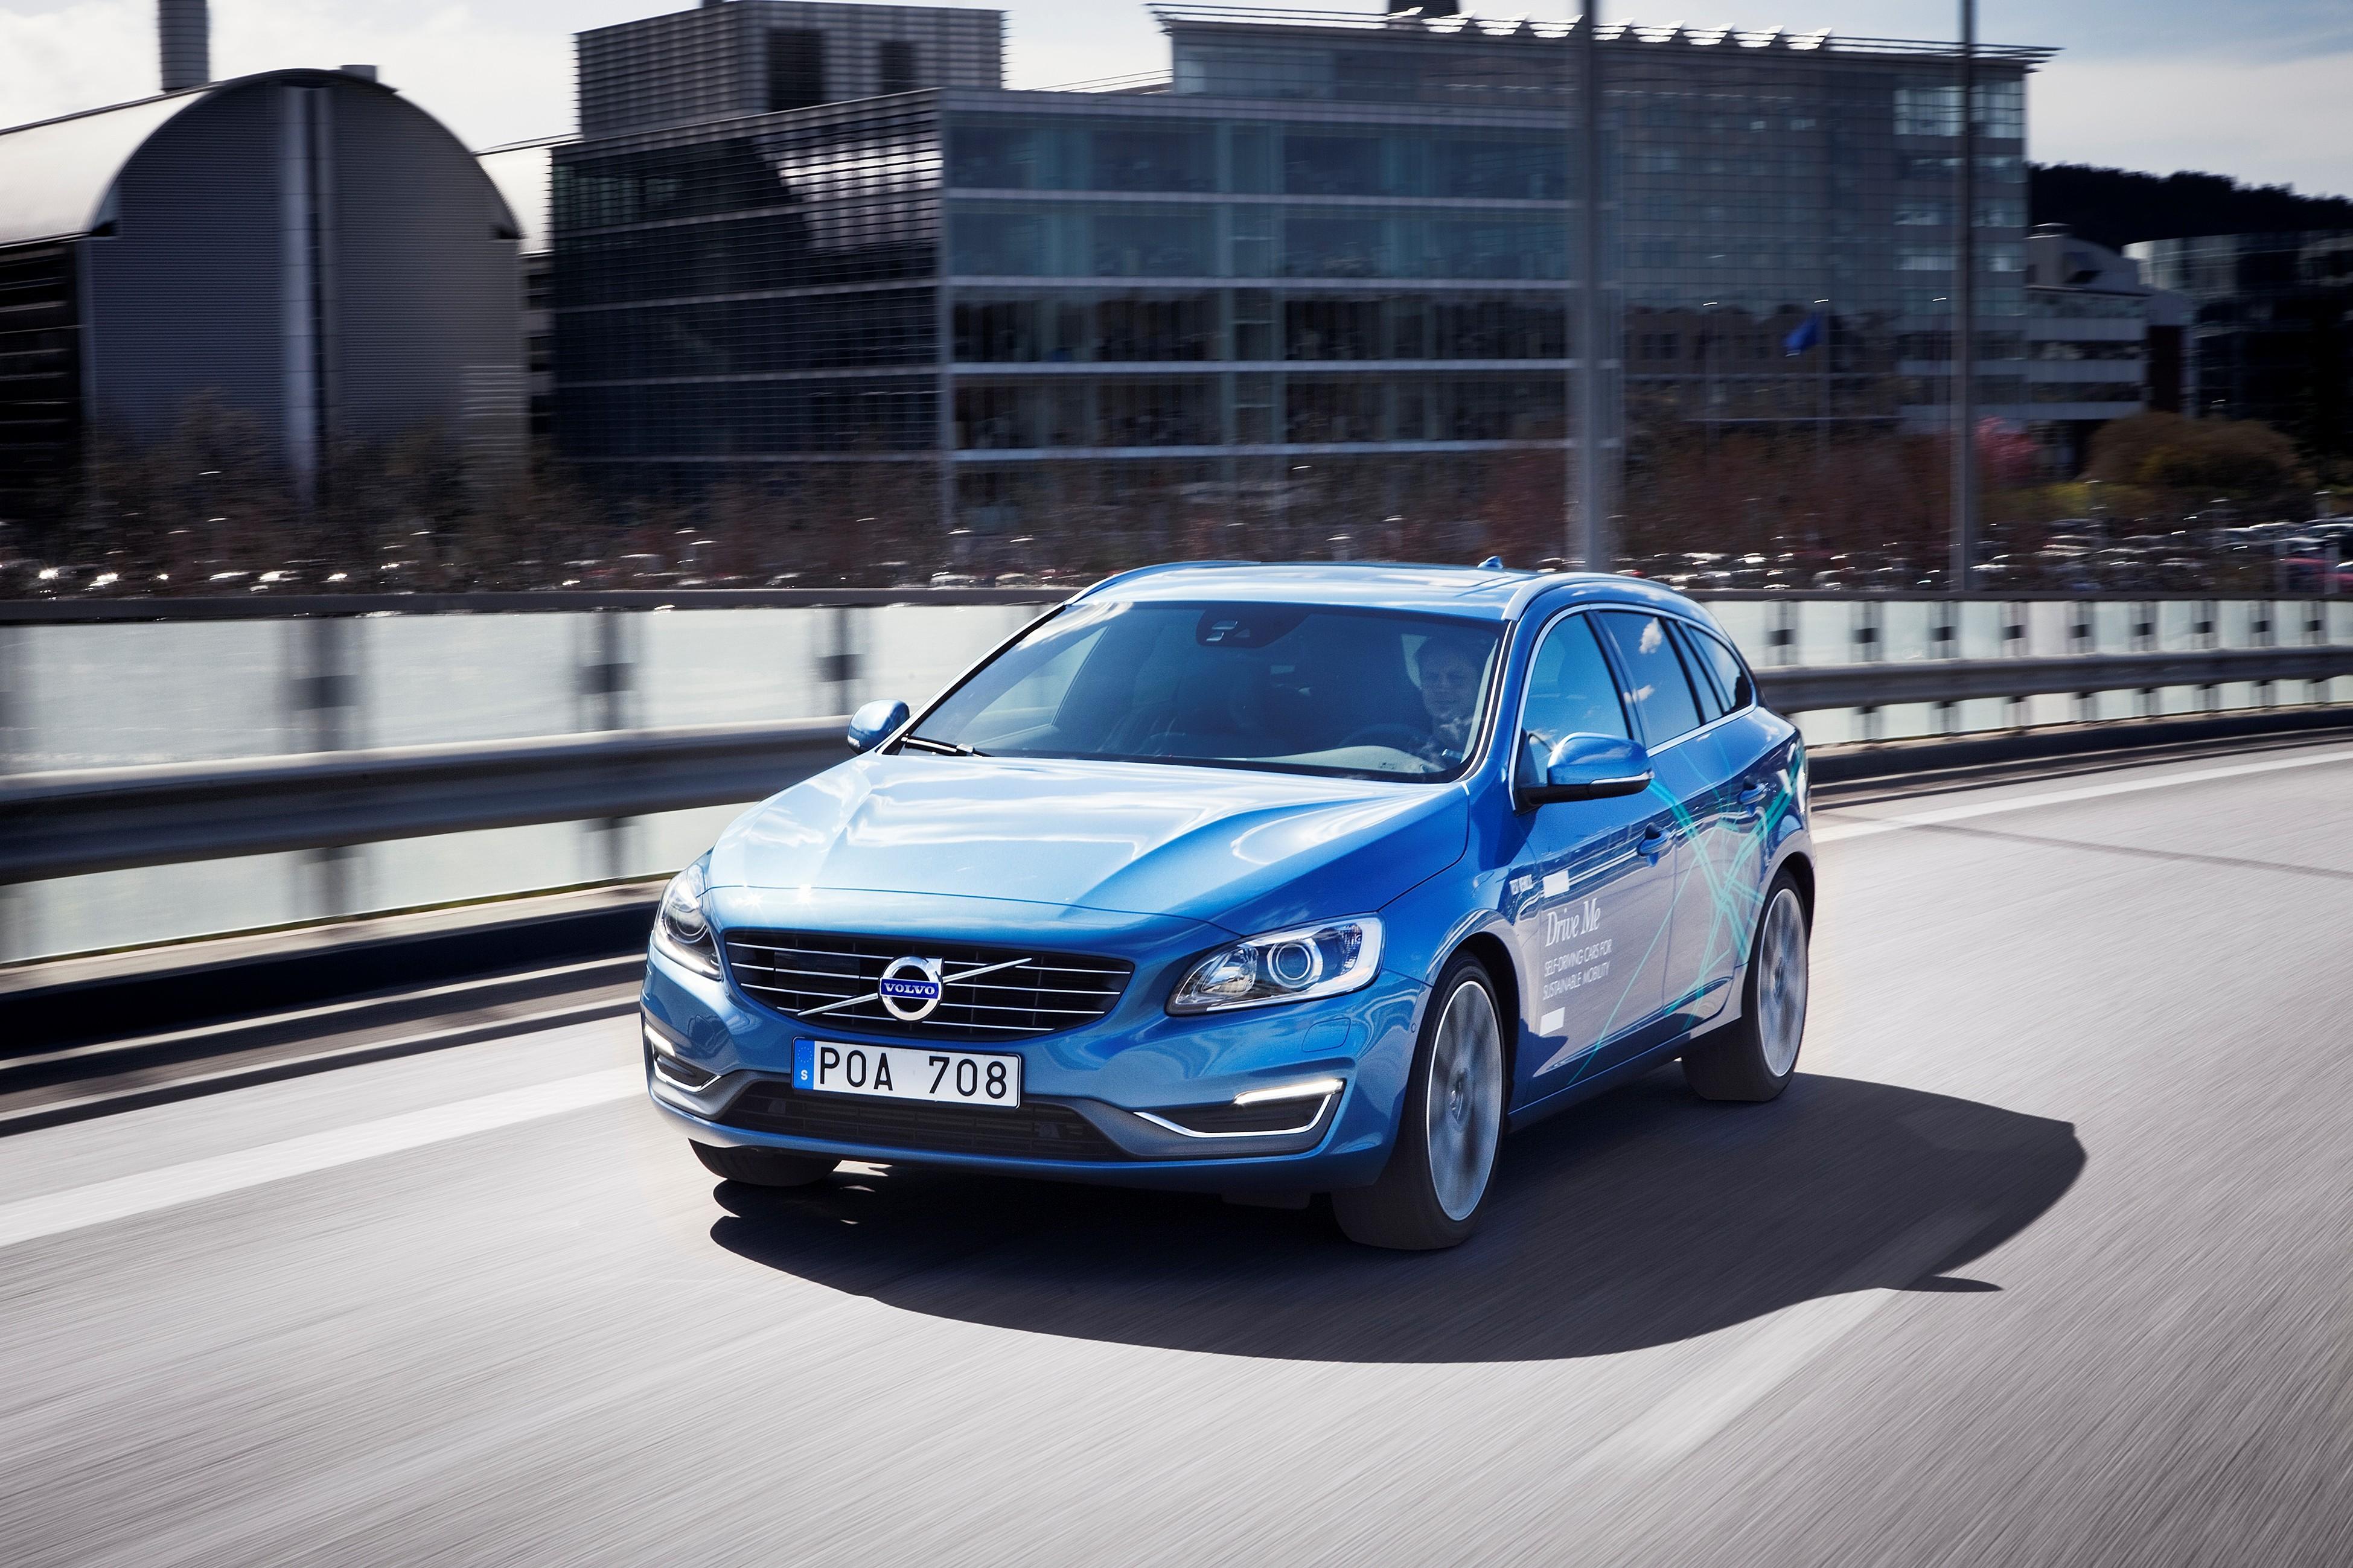 Volvo hat in Göteborg bereits testweise autonome Autos in den Straßenverkehr integriert.